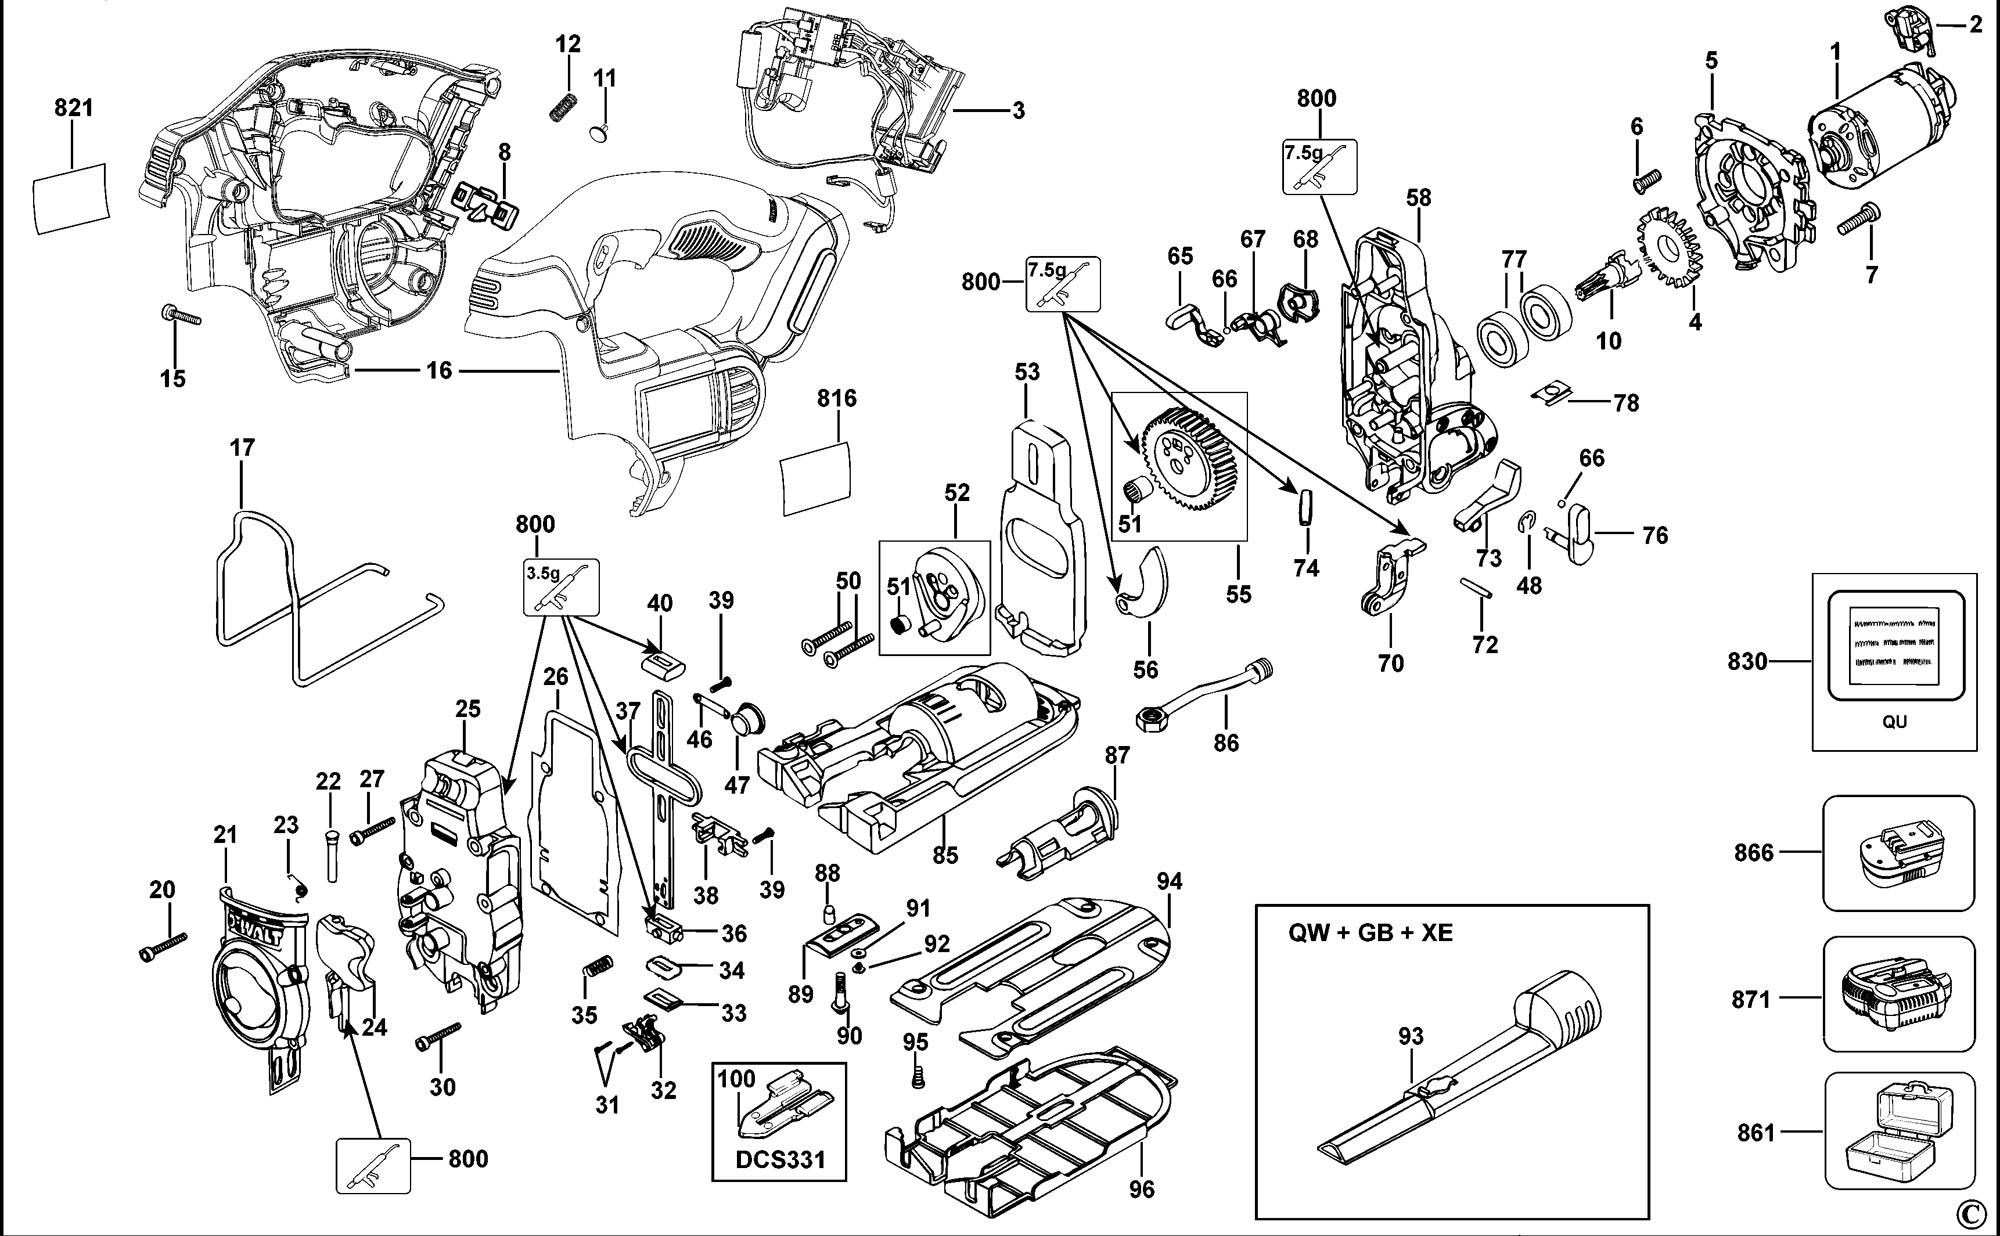 1966 porsche 912 wiring diagram